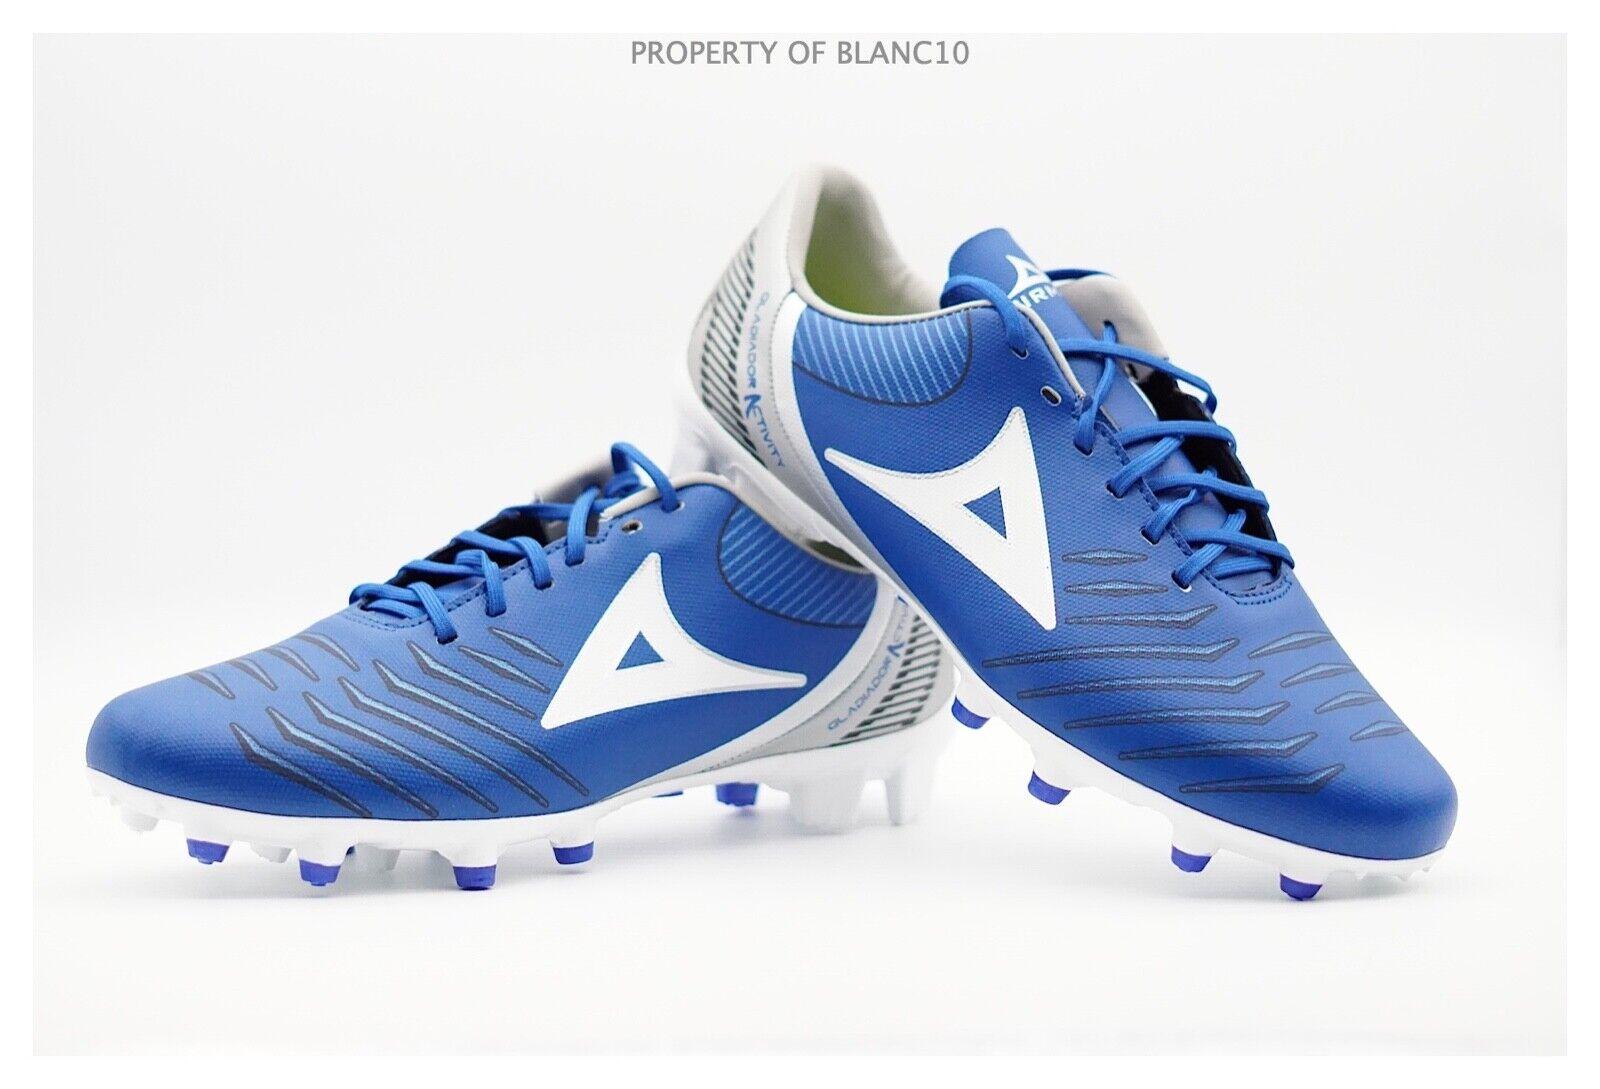 Pirma Botines De Fútbol-Estilo 3019-Azul Plata-Gladiador actividad